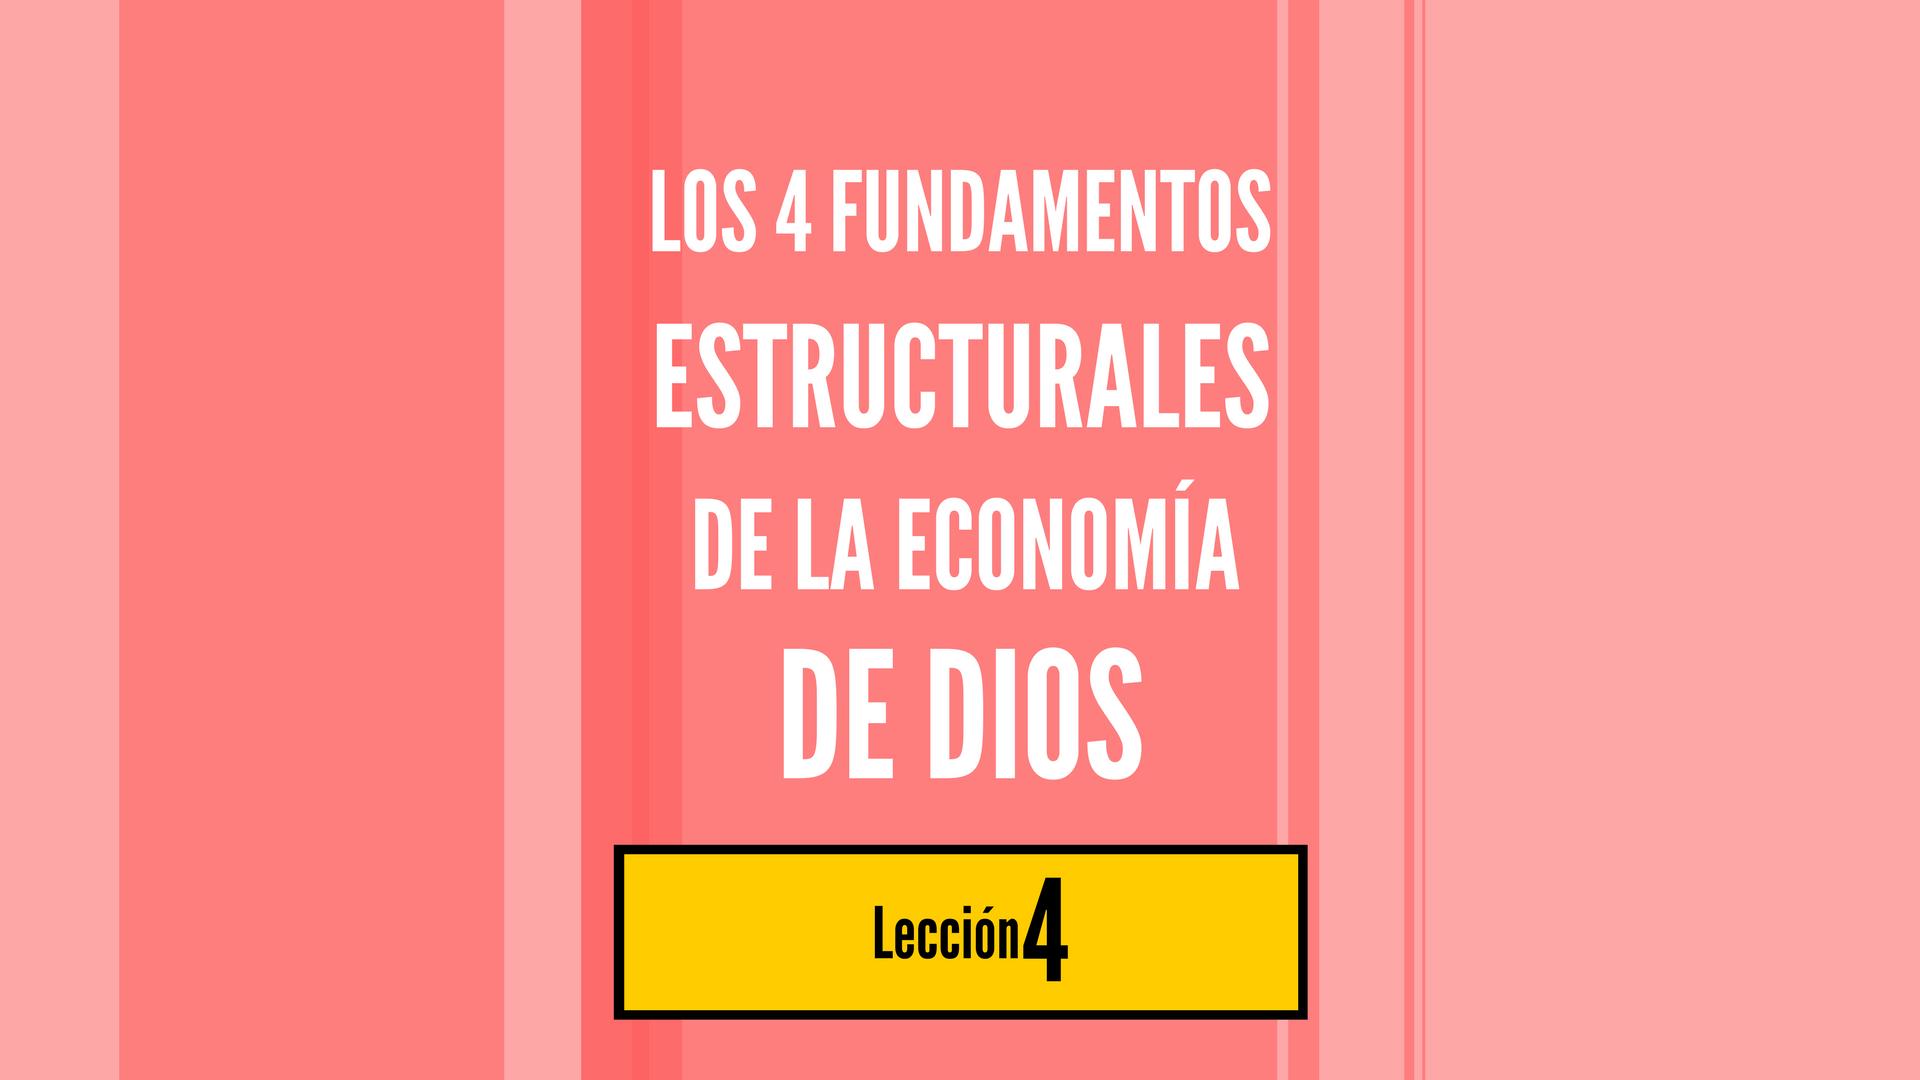 Los 4 Fundamentos Estructurales de la Economía de Dios, lección 4